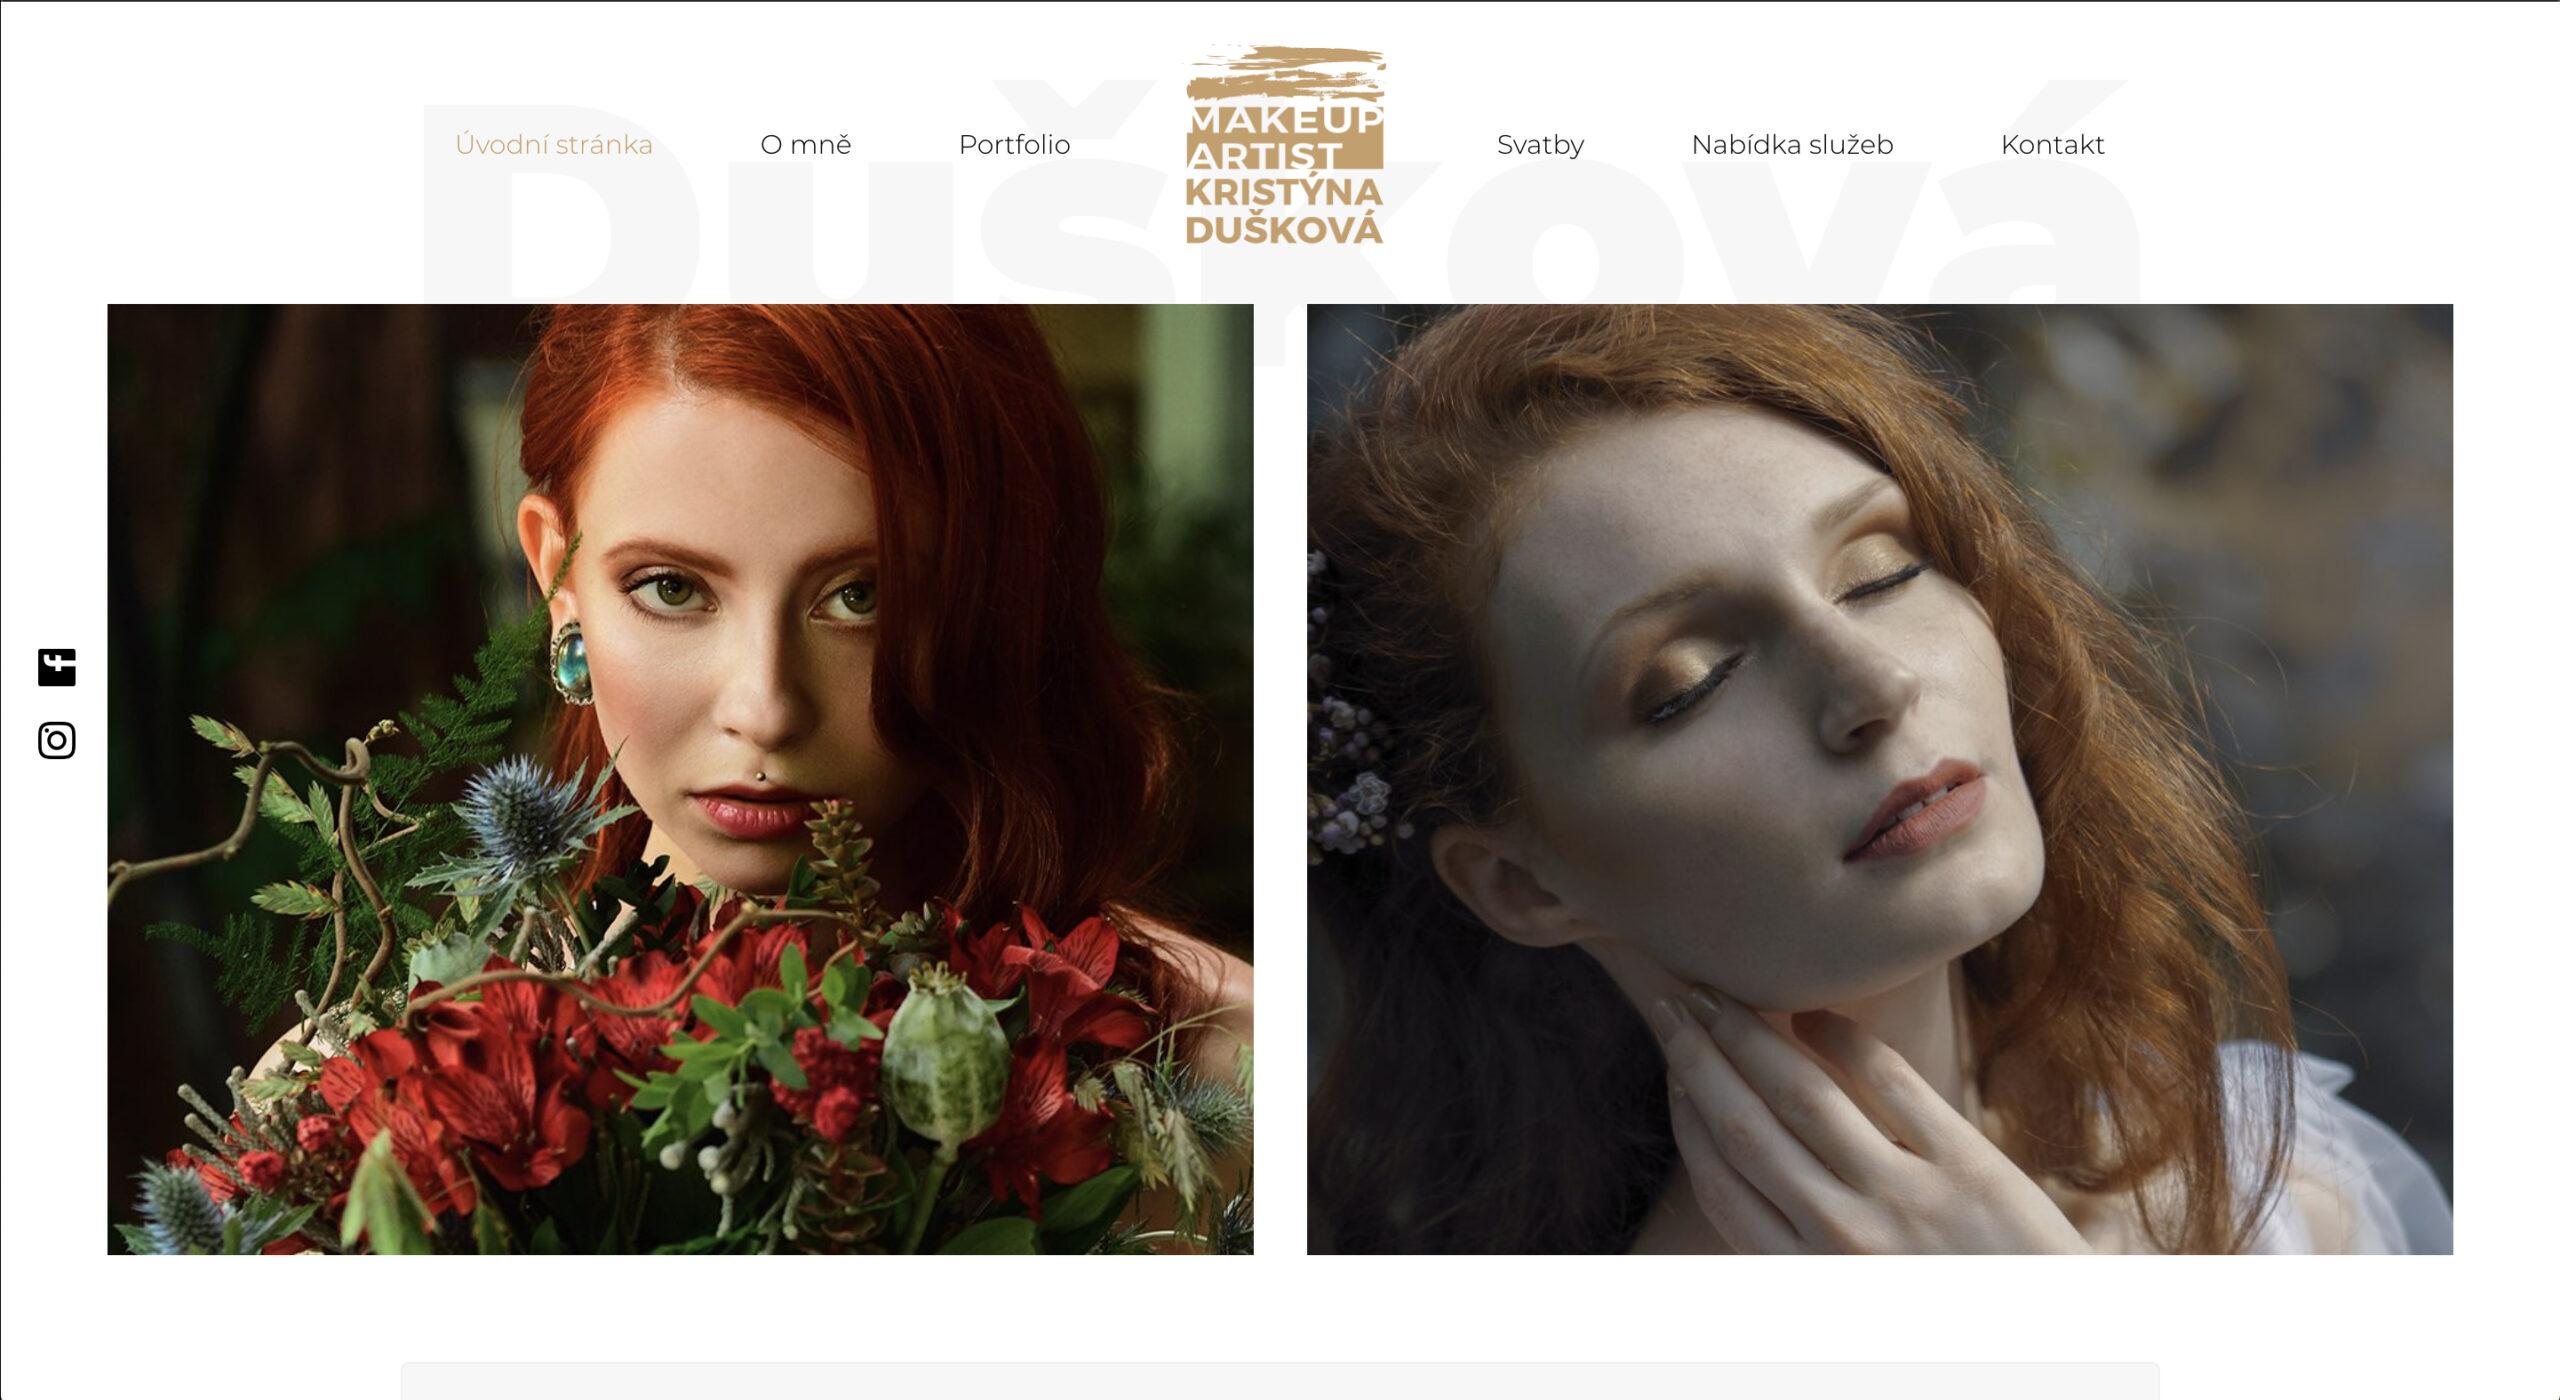 Dušková make-up